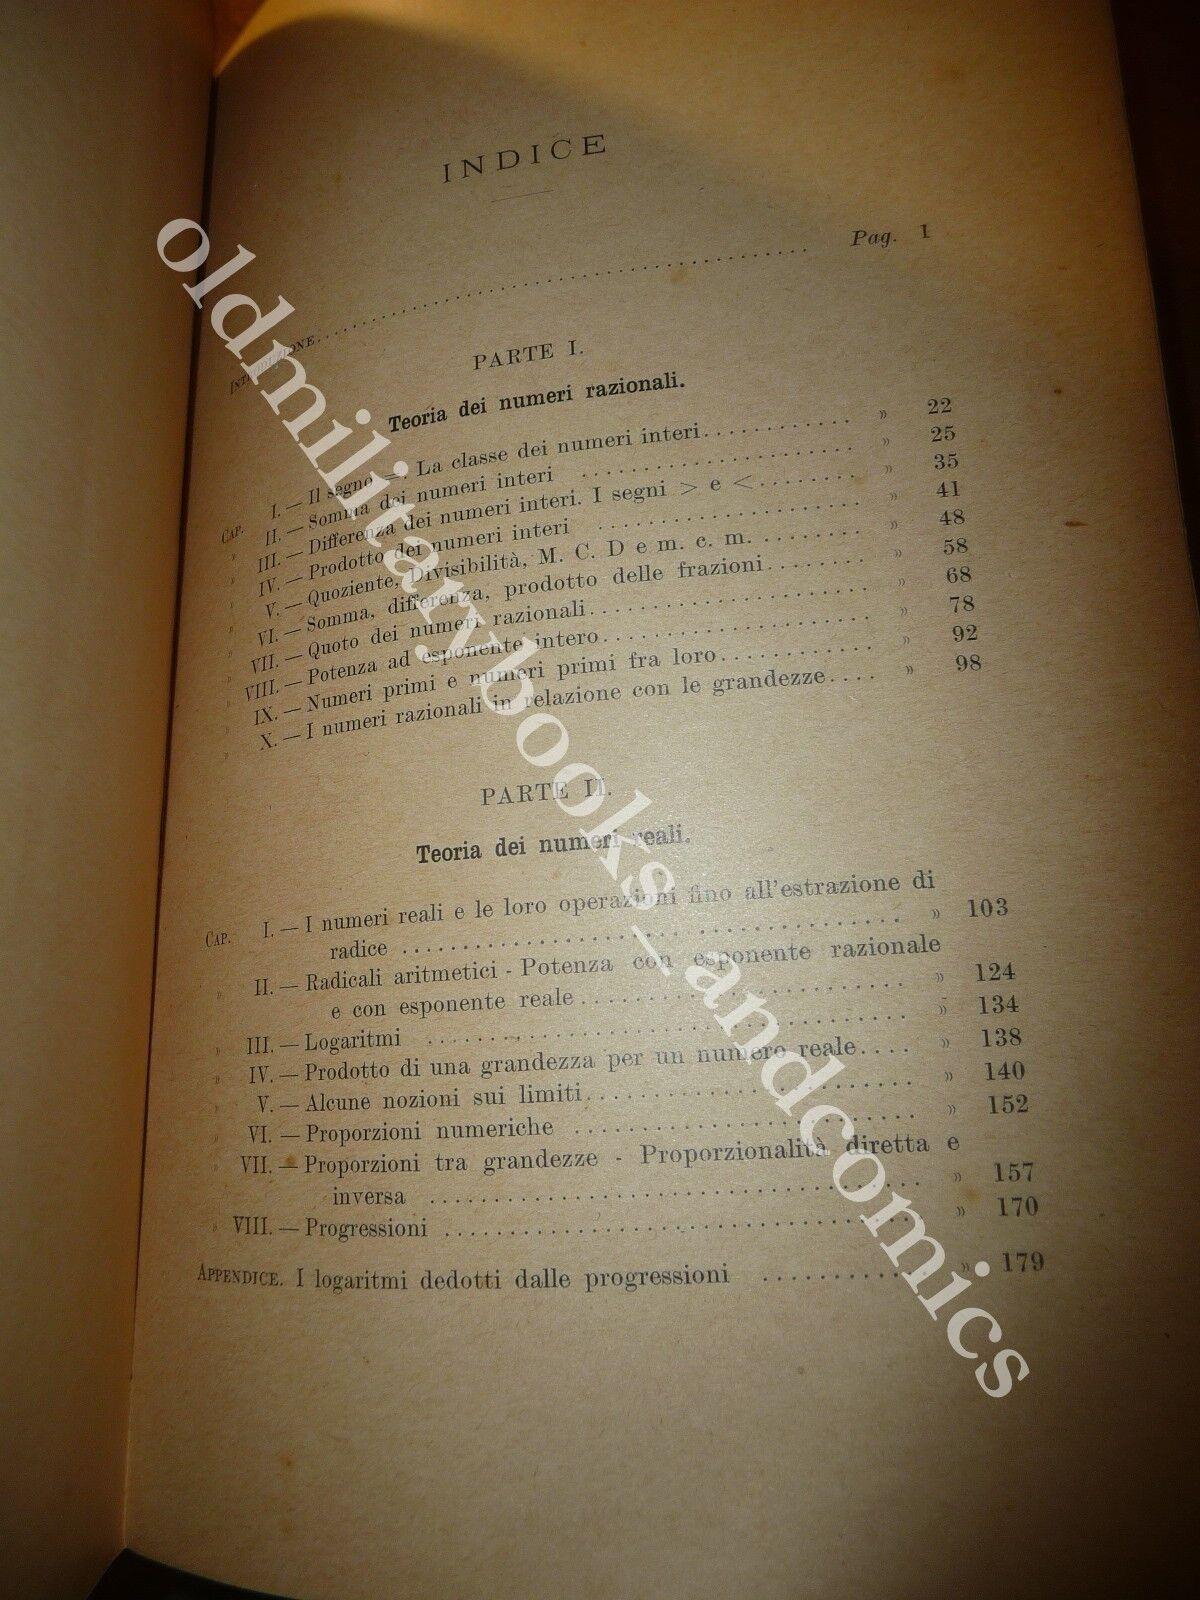 ARITMETICA ED ALGEBRA AD USO DELLE SCUOLE MEDIE SUPERIORI FRANCESCO PALATINI 1898